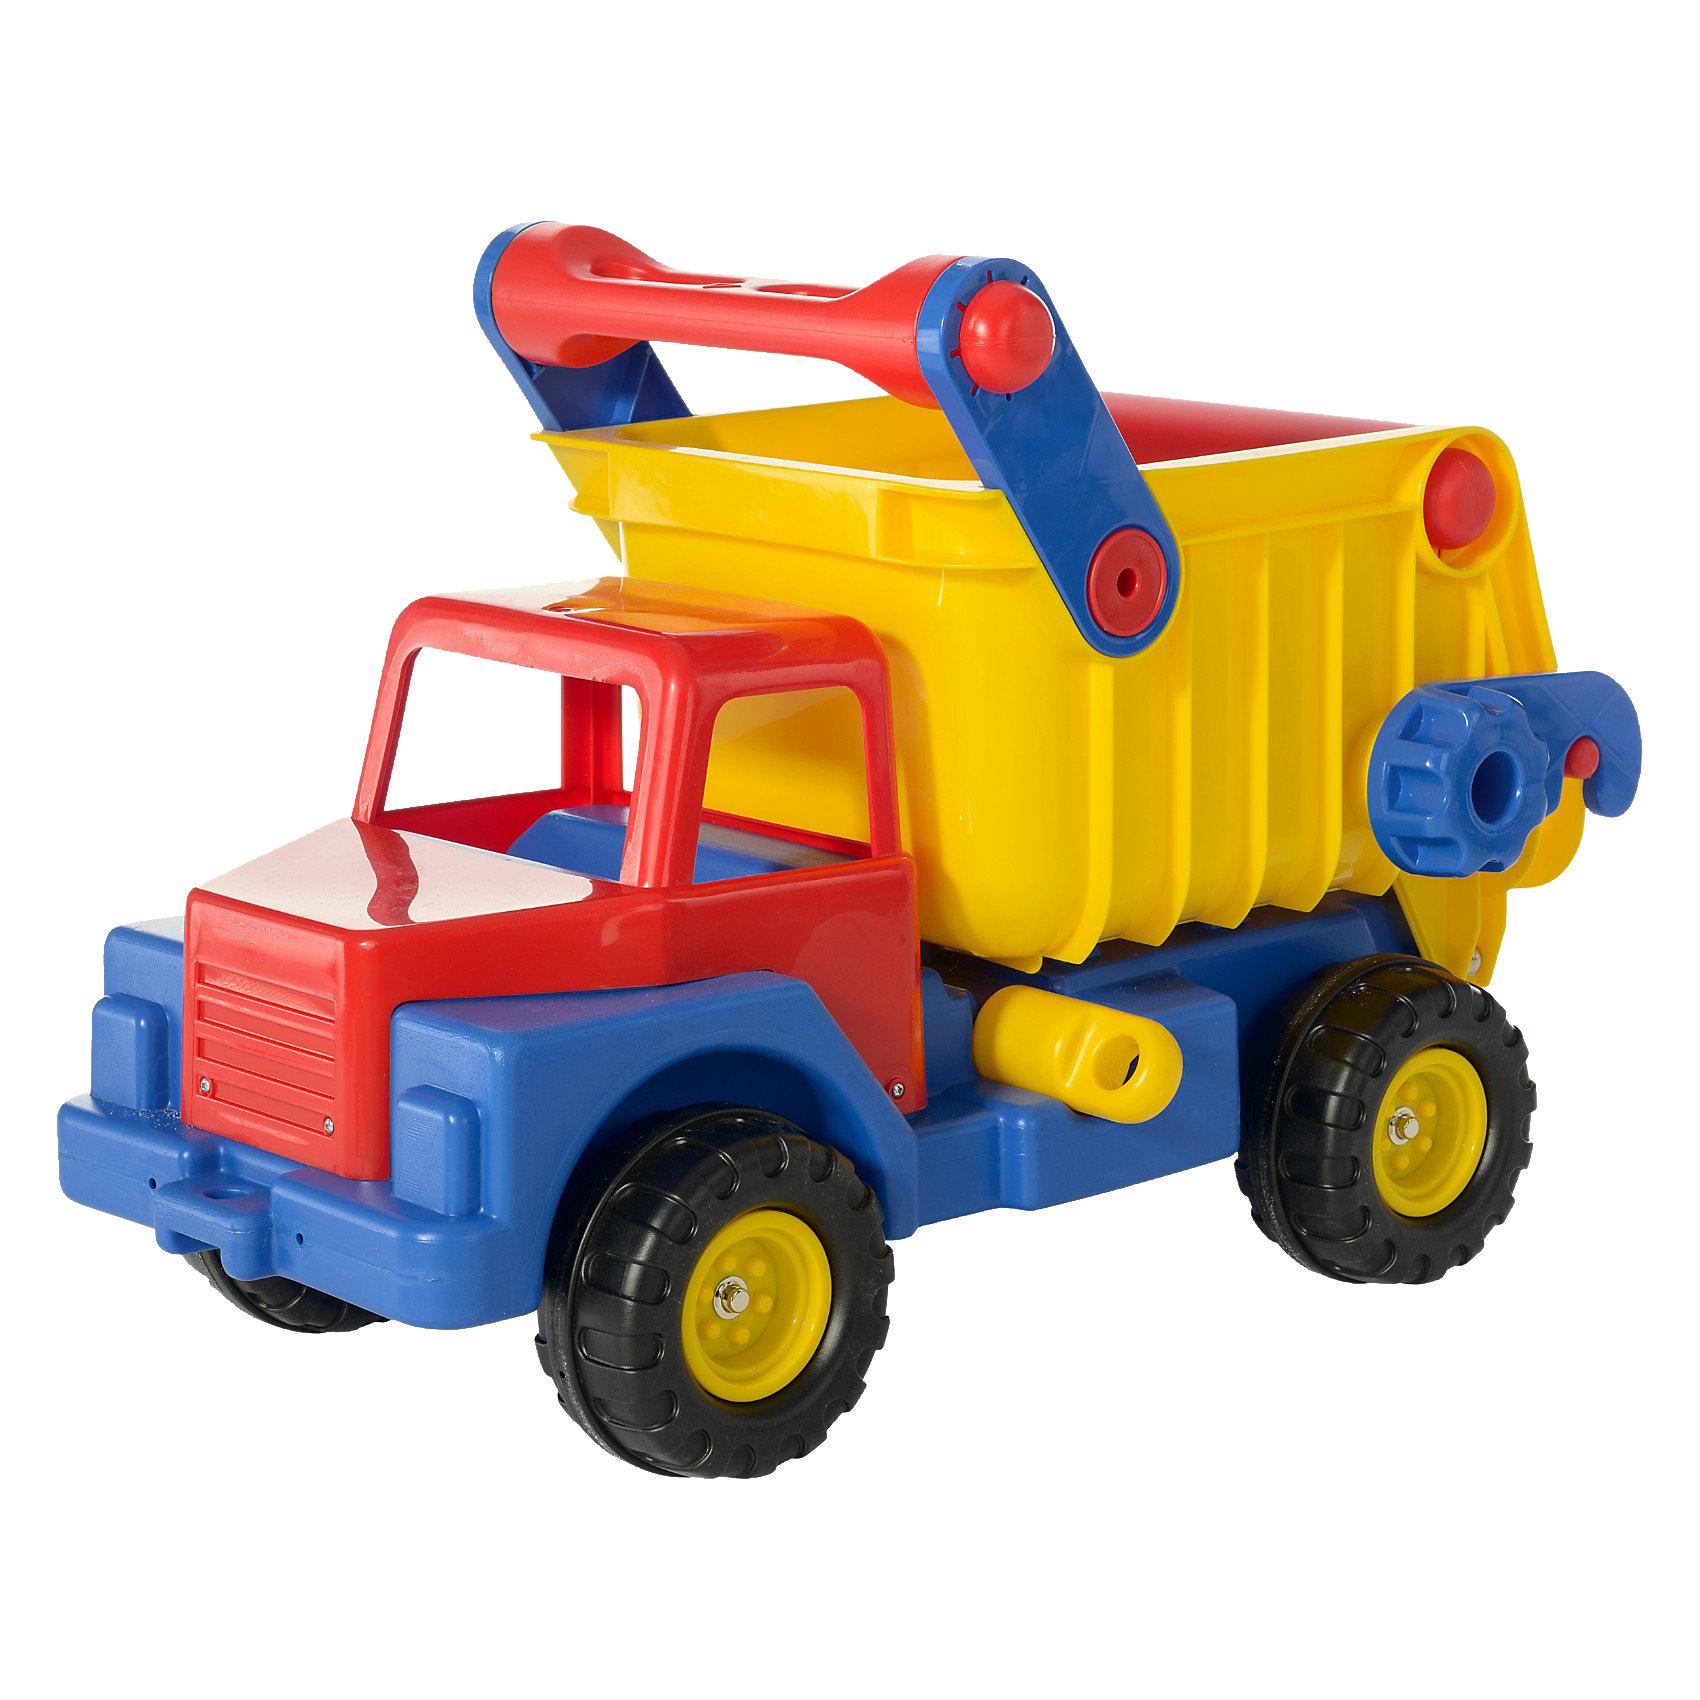 Автомобиль-самосвал №1, ПолесьеМашинки<br>Характеристики товара:<br><br>• возраст: от 2 лет<br>• материал: пластик<br>• цвет: желтый, красный, голубой.<br>• размер упаковки: 74.9 x 45.1 x 55.9 cм.<br>• вес: 5.339 кг.<br>• страна обладатель бренда: Белорусь<br><br>Великолепный самосвал от бренда Полесье не даст заскучать вашему малышу! С машинкой можно играть дома, но все свои возможности он сможет показать на улице, где много песка, камней и всего того, что можно погрузить ему в кузов! <br><br>Грузовик выдерживает разную нагрузку благодаря прочной конструкции, сделанной из высококачественного пластика, безвредного для здоровья. Самосвал понравится как мальчикам, так и девочкам, и игра в песочнице с ним станет для ребенка приятным занятием!<br><br>Автомобиль-самосвал №1, Полесье можно купить в нашем интернет-магазине.<br><br>Ширина мм: 750<br>Глубина мм: 545<br>Высота мм: 450<br>Вес г: 7120<br>Возраст от месяцев: 12<br>Возраст до месяцев: 48<br>Пол: Мужской<br>Возраст: Детский<br>SKU: 1456278